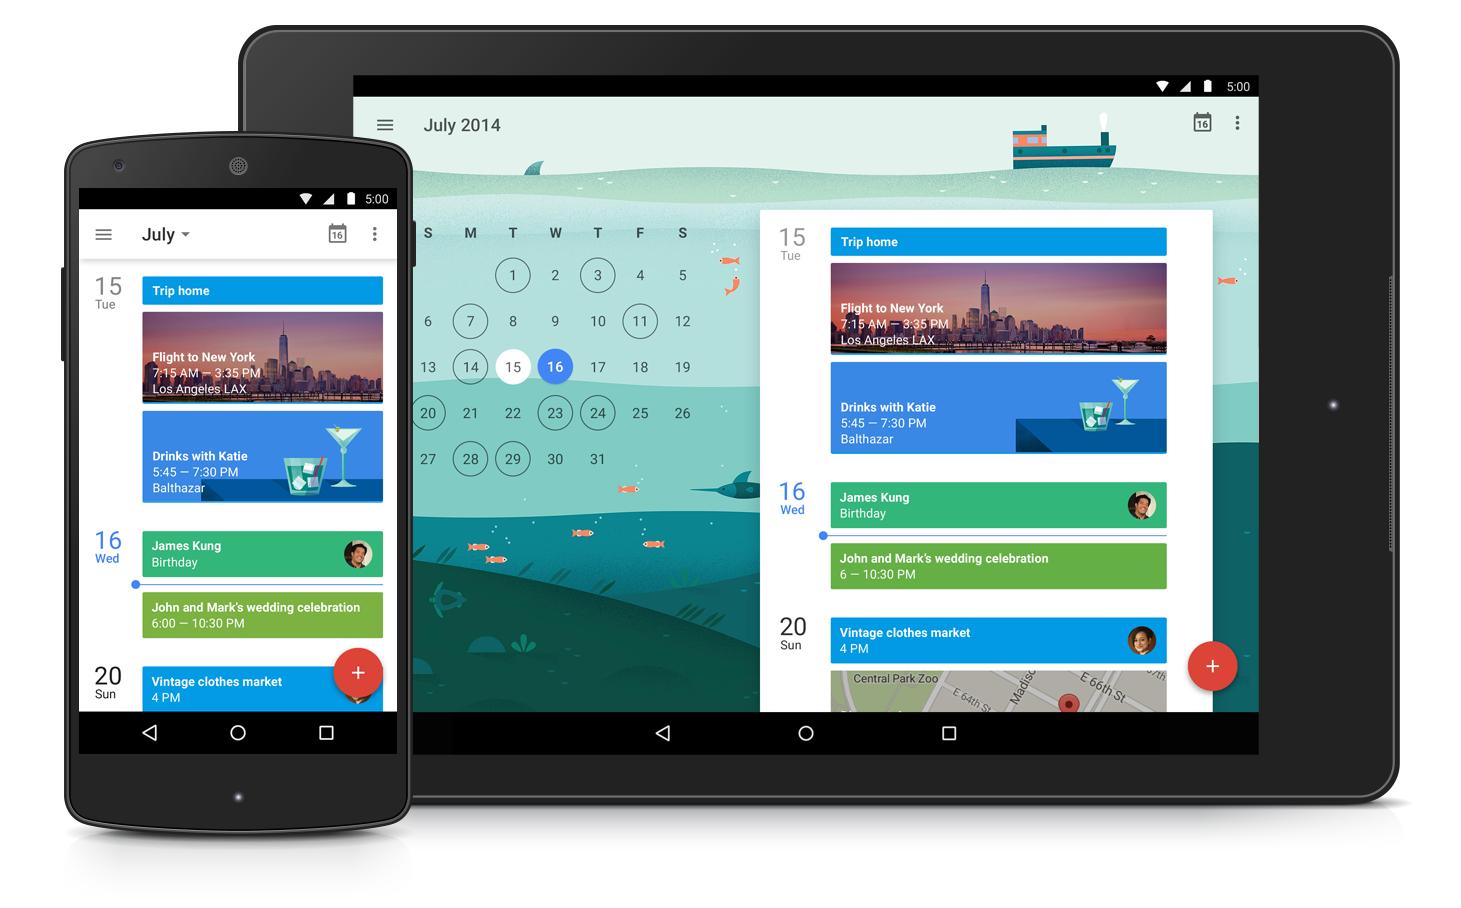 Neue Google Kalender App Schedule View